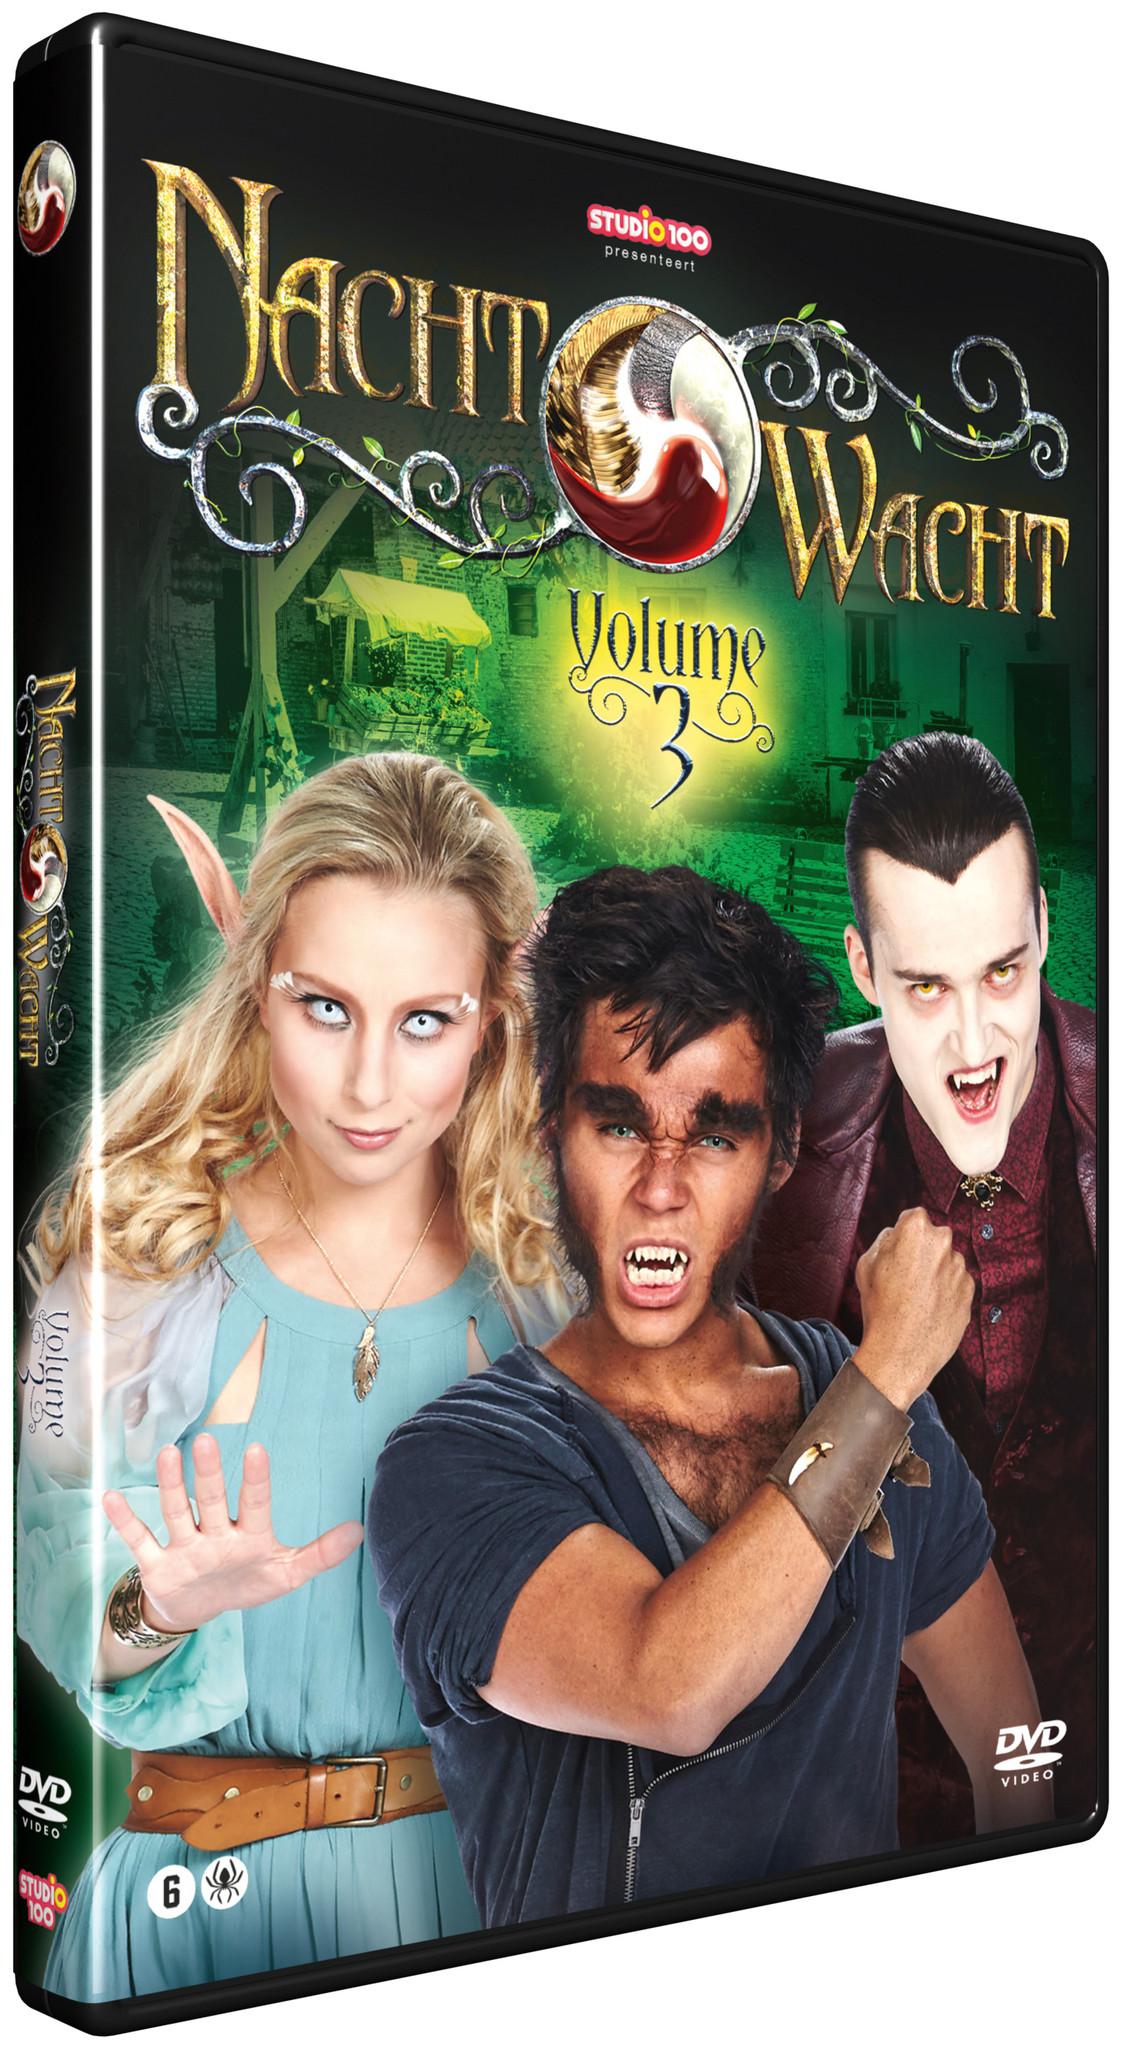 Dvd Nachtwacht: Nachtwacht vol. 3